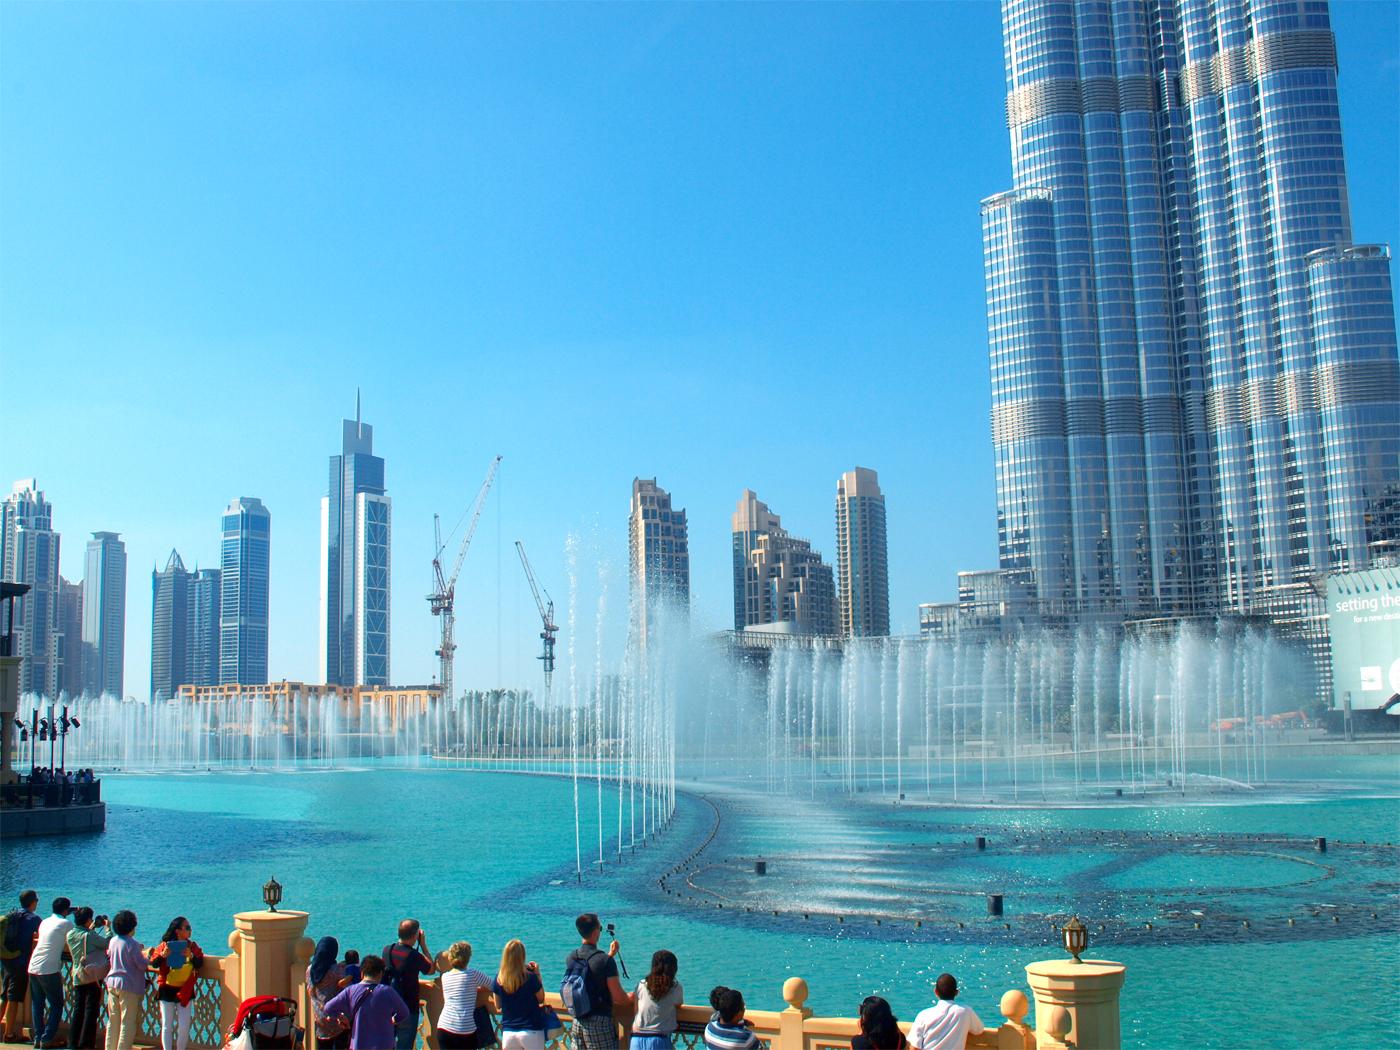 Turister flokker seg rundt oppvisningen av Dubai Fountain som kjører nytt show og musikk hver halvtime fra klokken 13.00. Foto: Yvette-Marie Solem